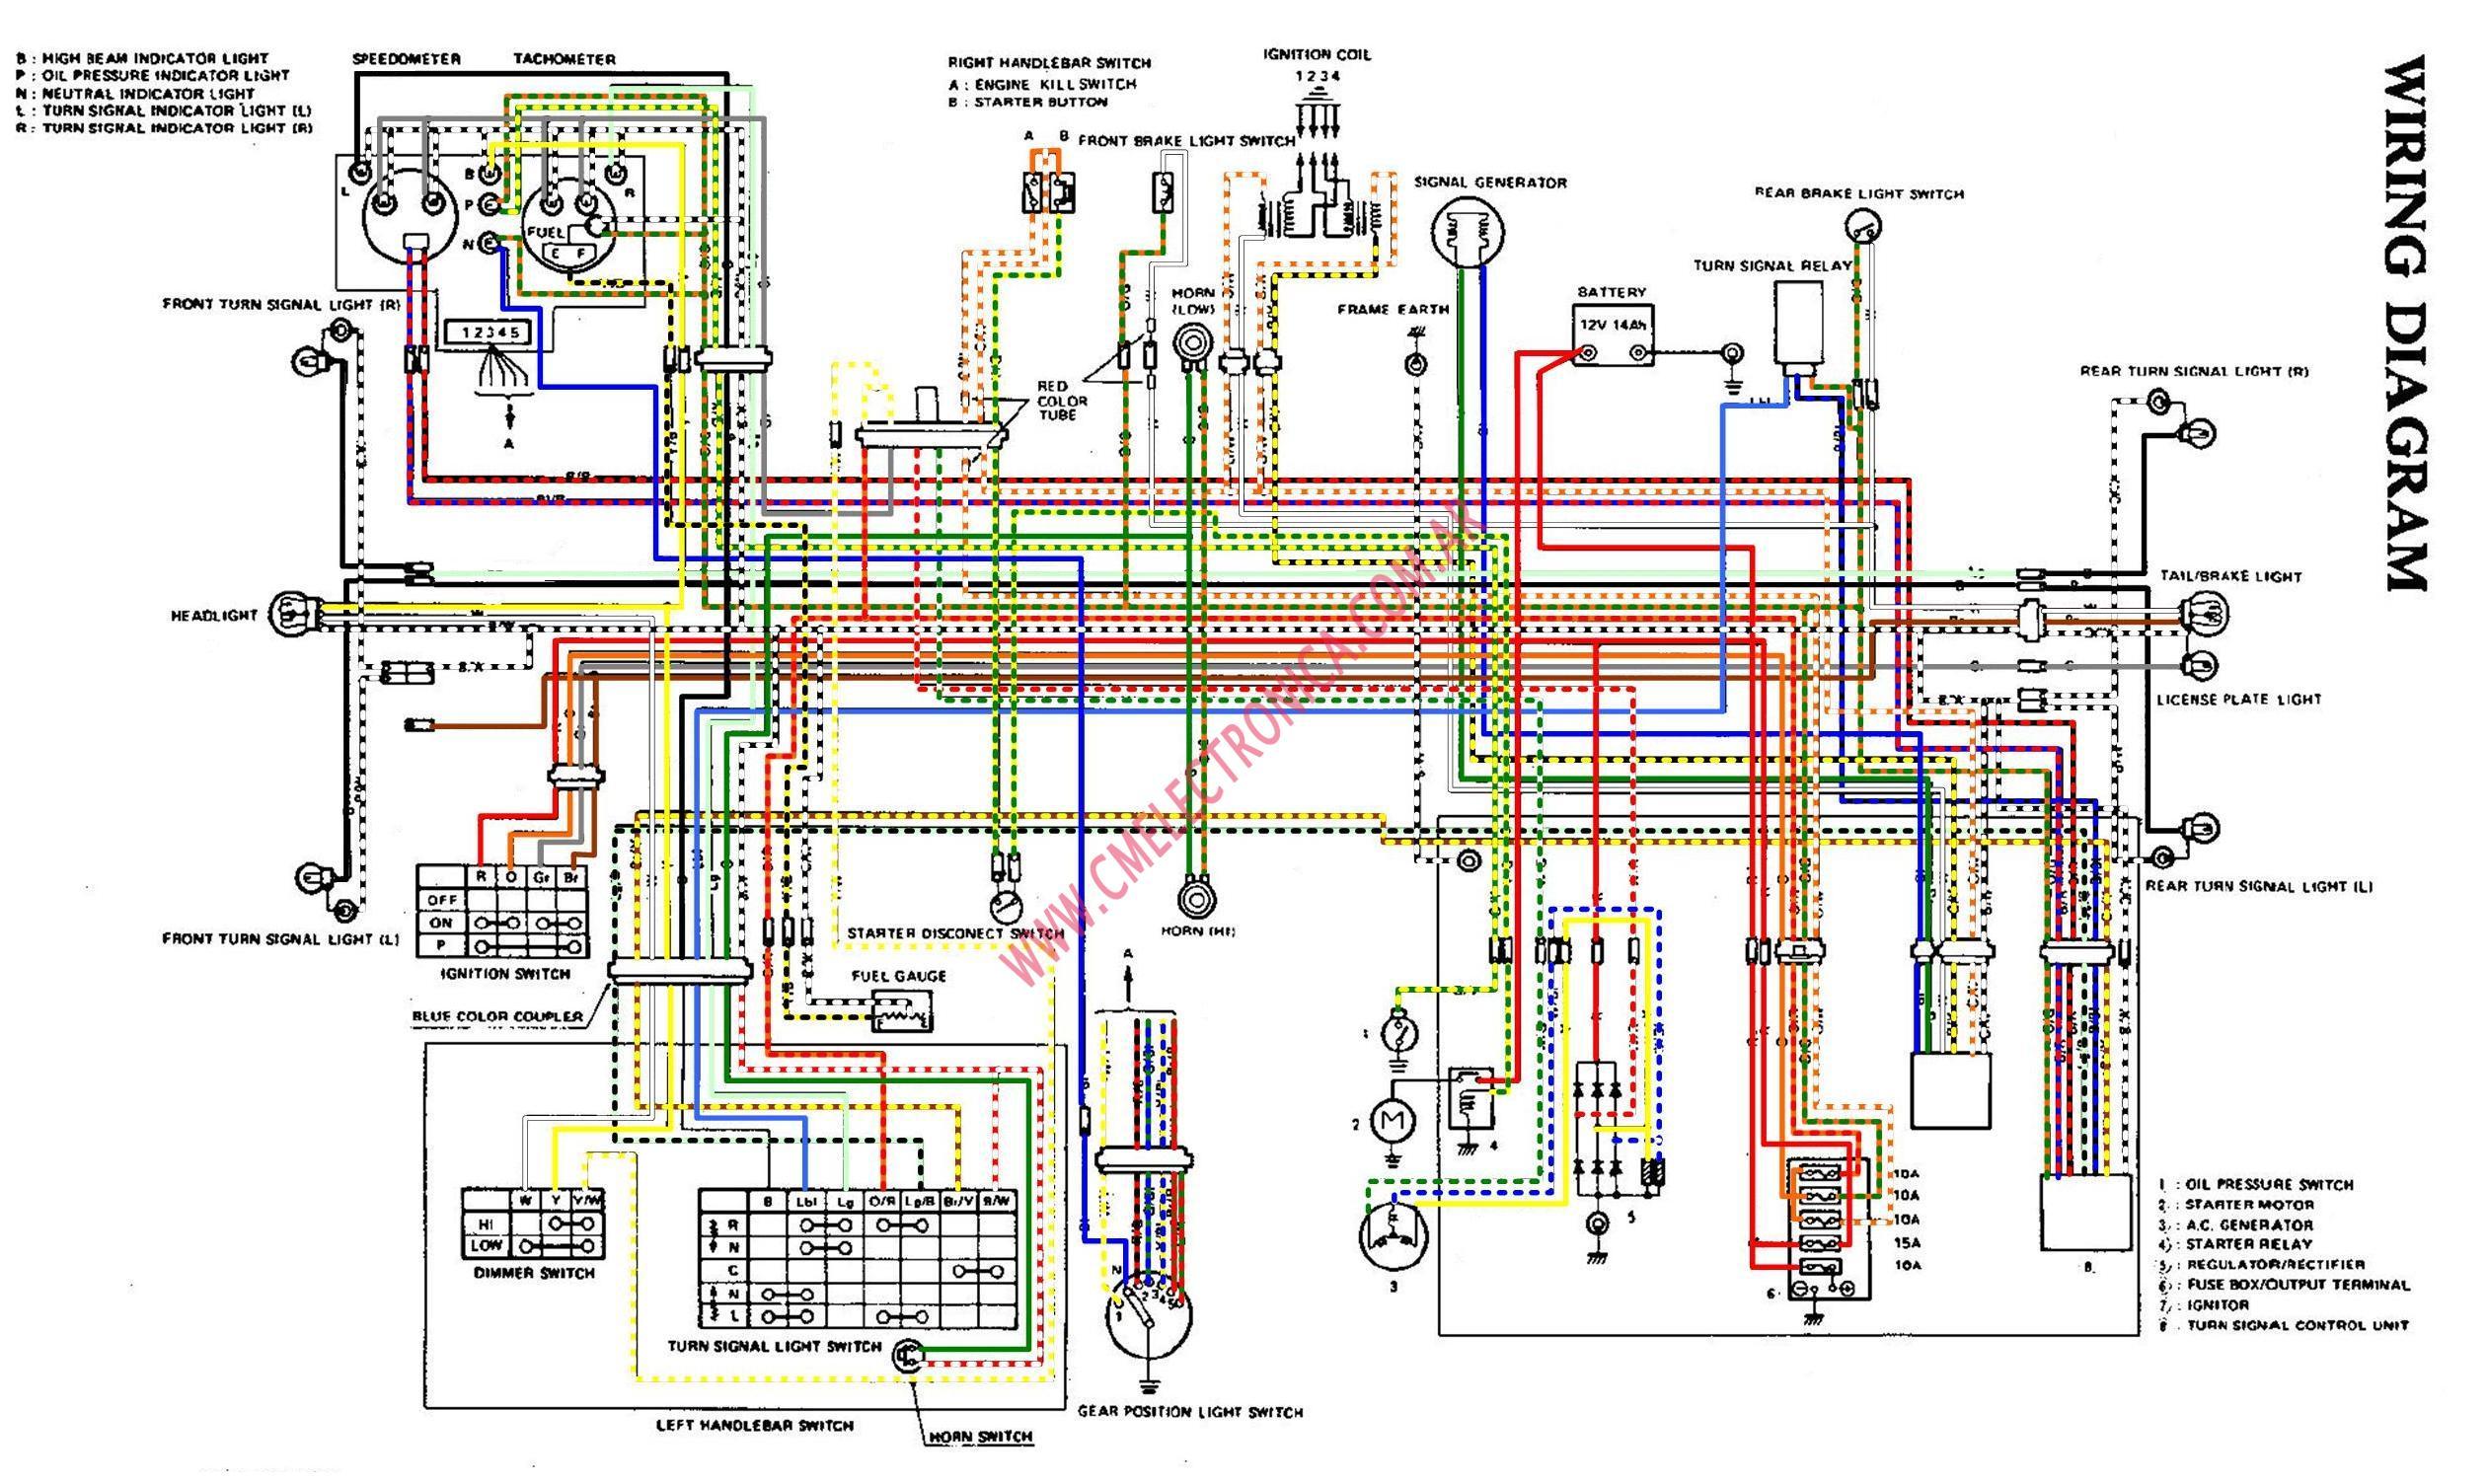 suzuki gs1000 wiring diagram wiring diagram g11 1982 Suzuki GS850 Wiring gs1000 wiring diagram wiring diagram str suzuki 185 atv wiring gs1000 wiring diagram wiring diagram lap